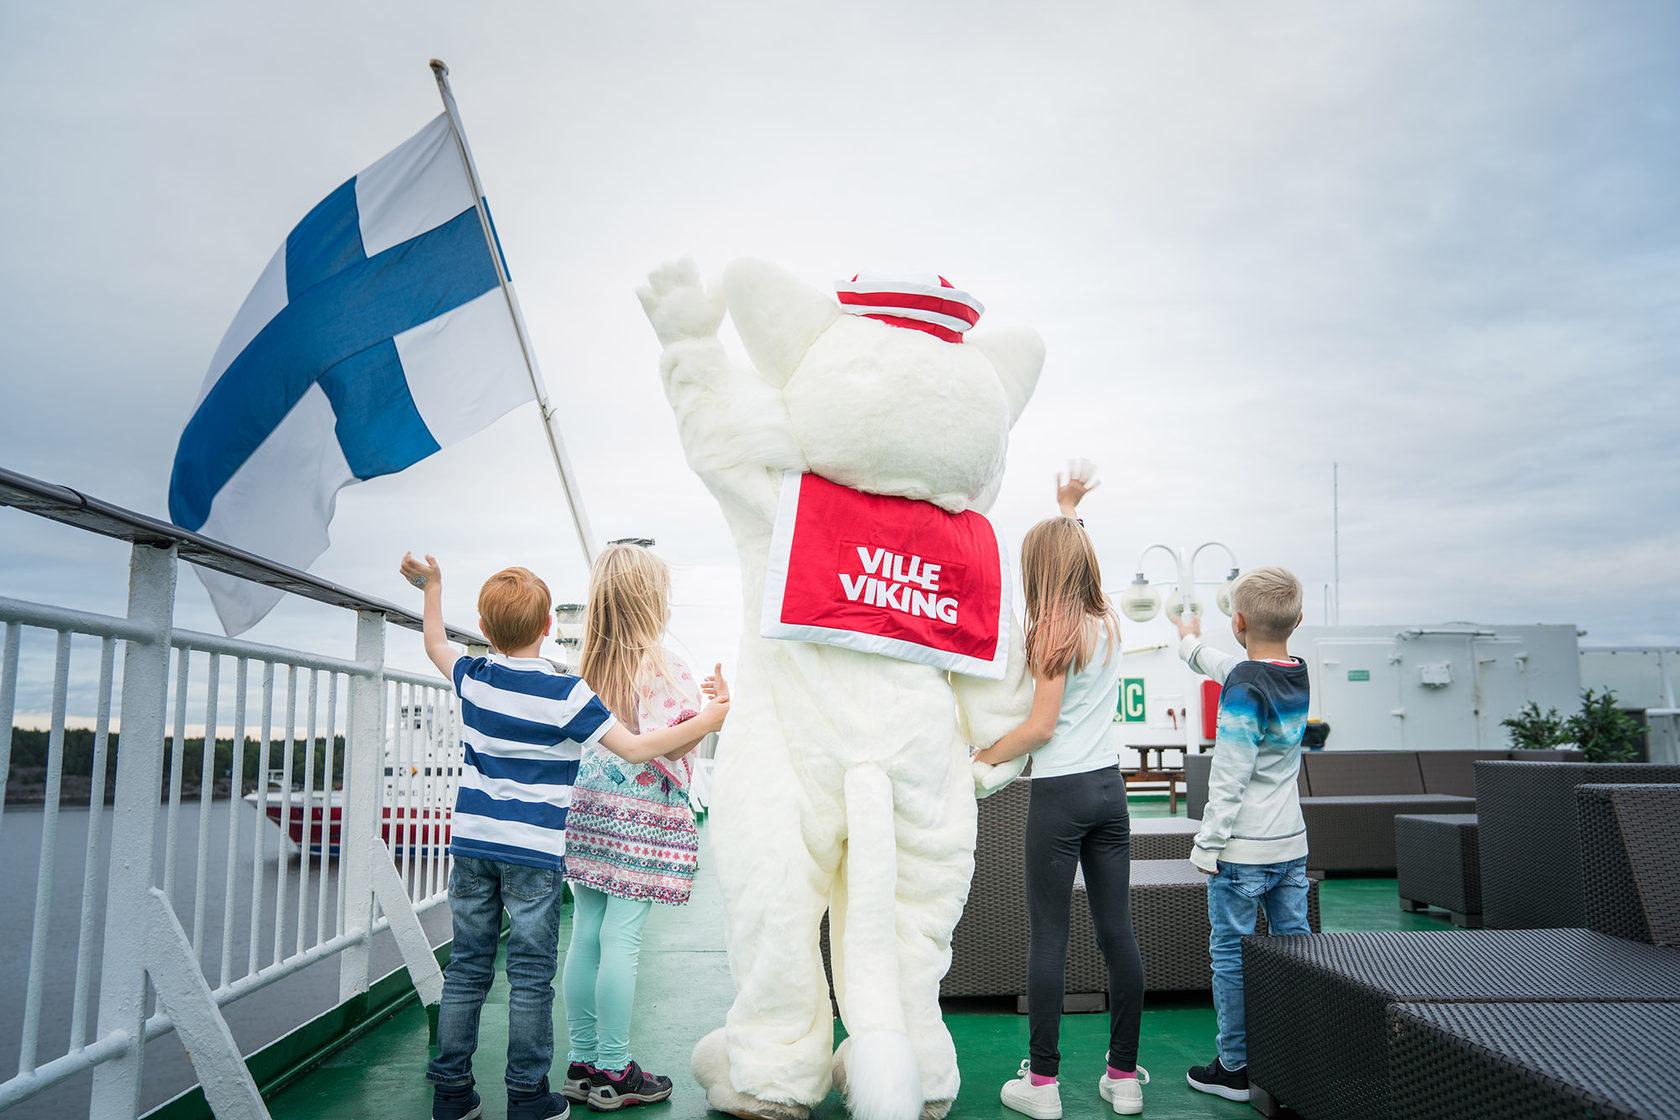 Viking line, Viking line fontanka, паром Викинг Лайн, Вкинг Лайн, паром в Финляндию, паром в Хельсинки, паром в Стокгольм, Хельсинки-Стокгольм пароль, круиз выходного дня, Хельсинки на 1 день, Хельсинки куда пойти, Стокгольм куда пойти, финский паром, что делать на пароме